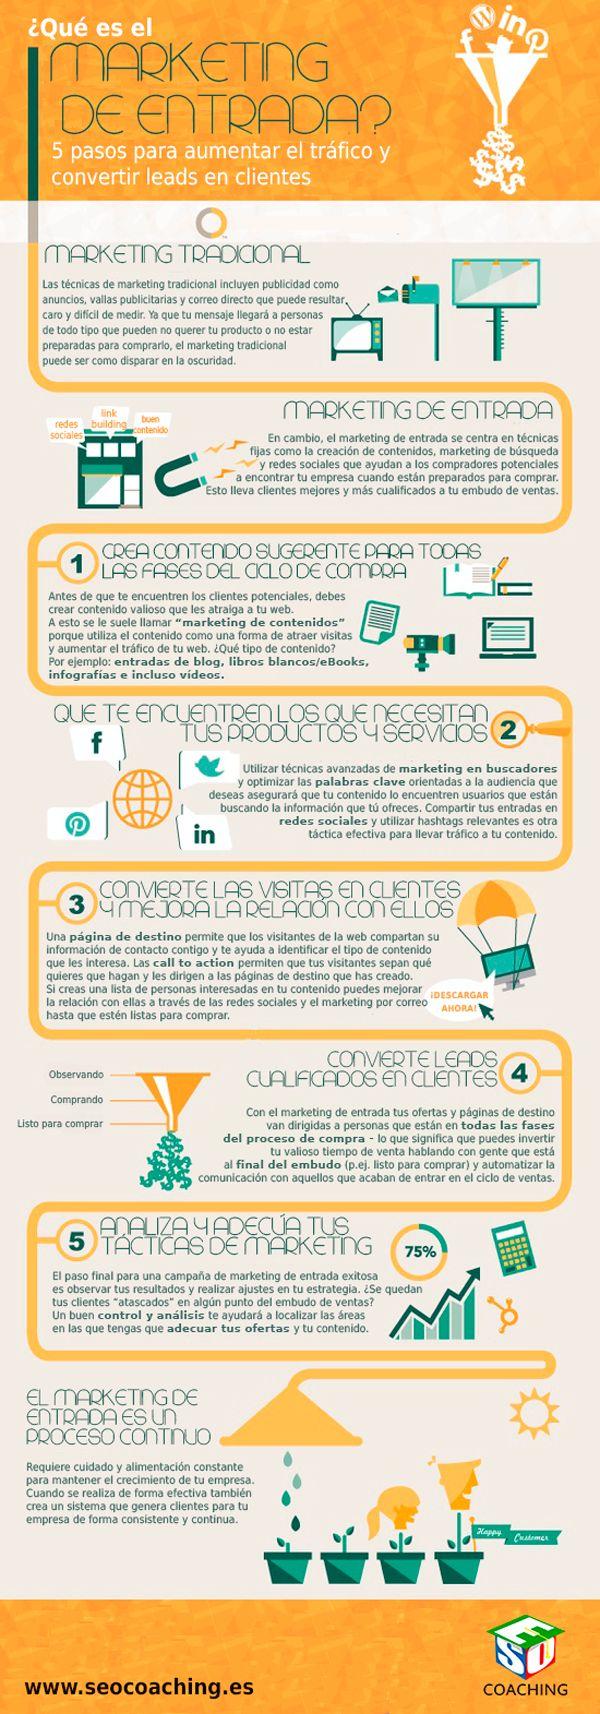 ¿Qué es el marketing de entrada? #infografía